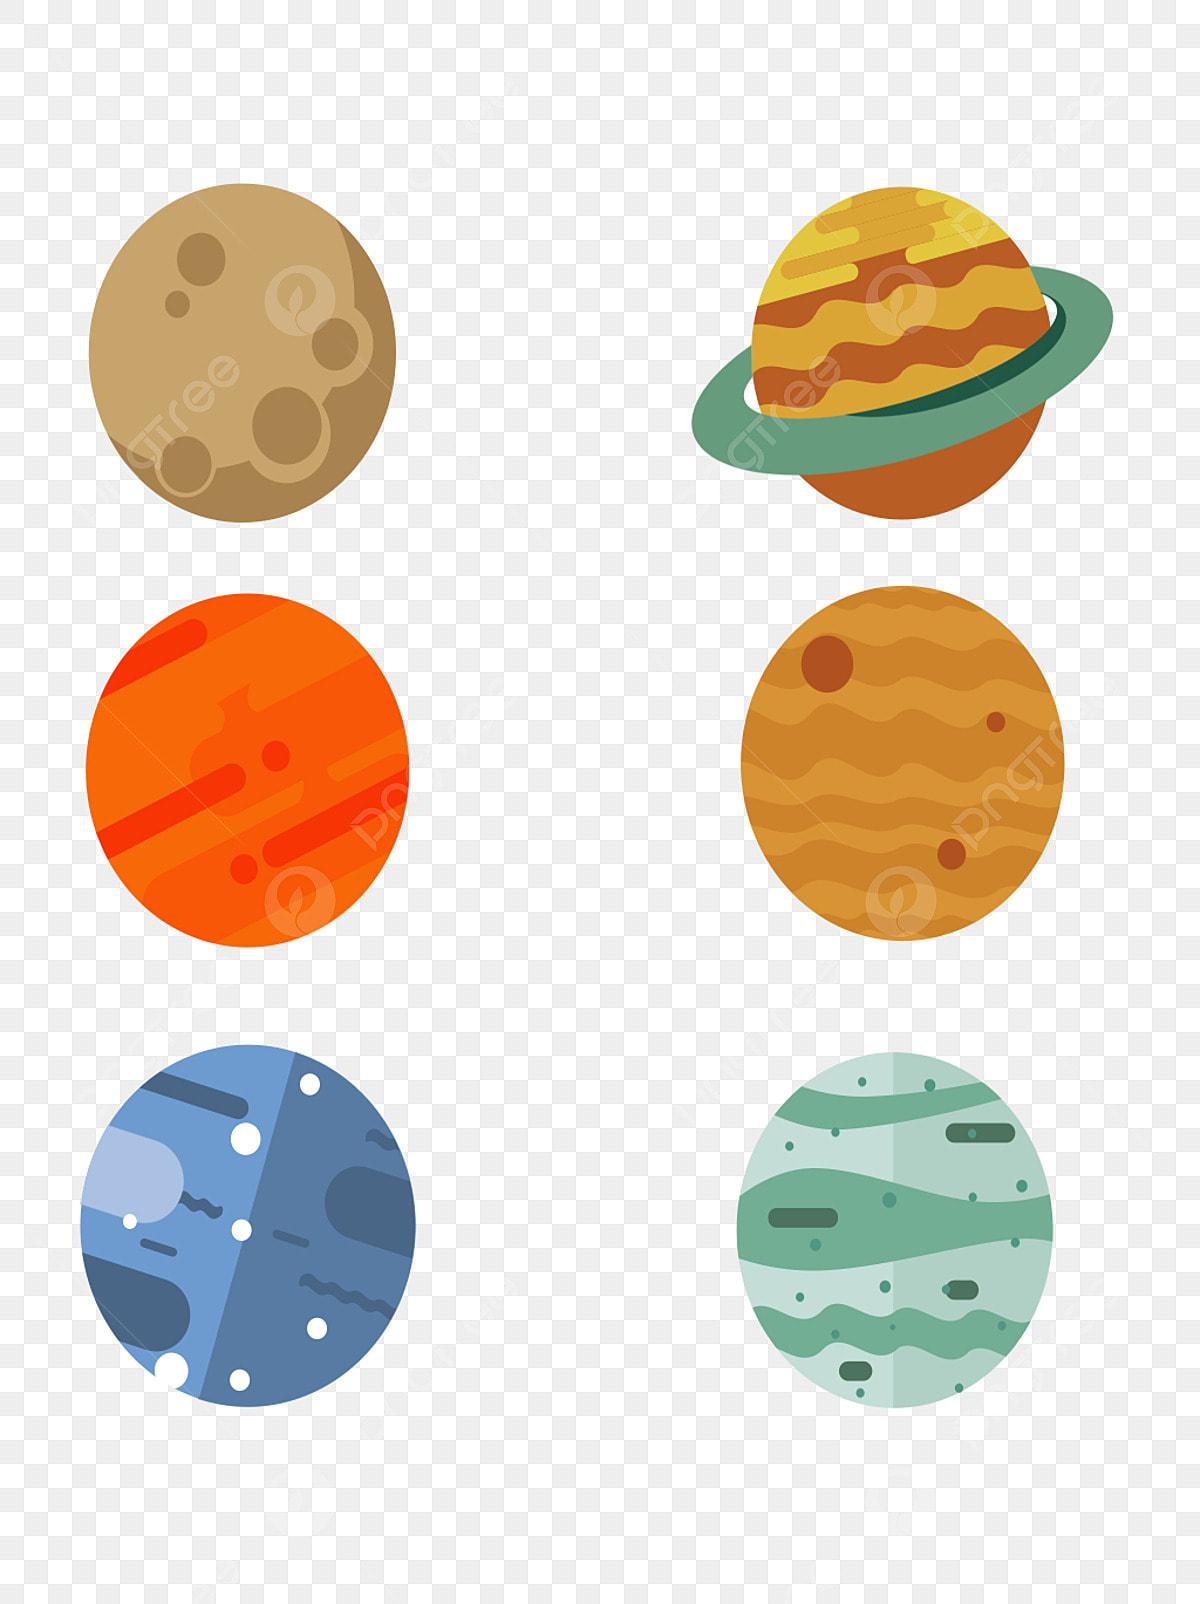 Gambar Planet Comel Kartun Sistem Suria Bulan Marikh Tangan Dicat Planet Sistem Solar Kartun Png Dan Psd Untuk Muat Turun Percuma